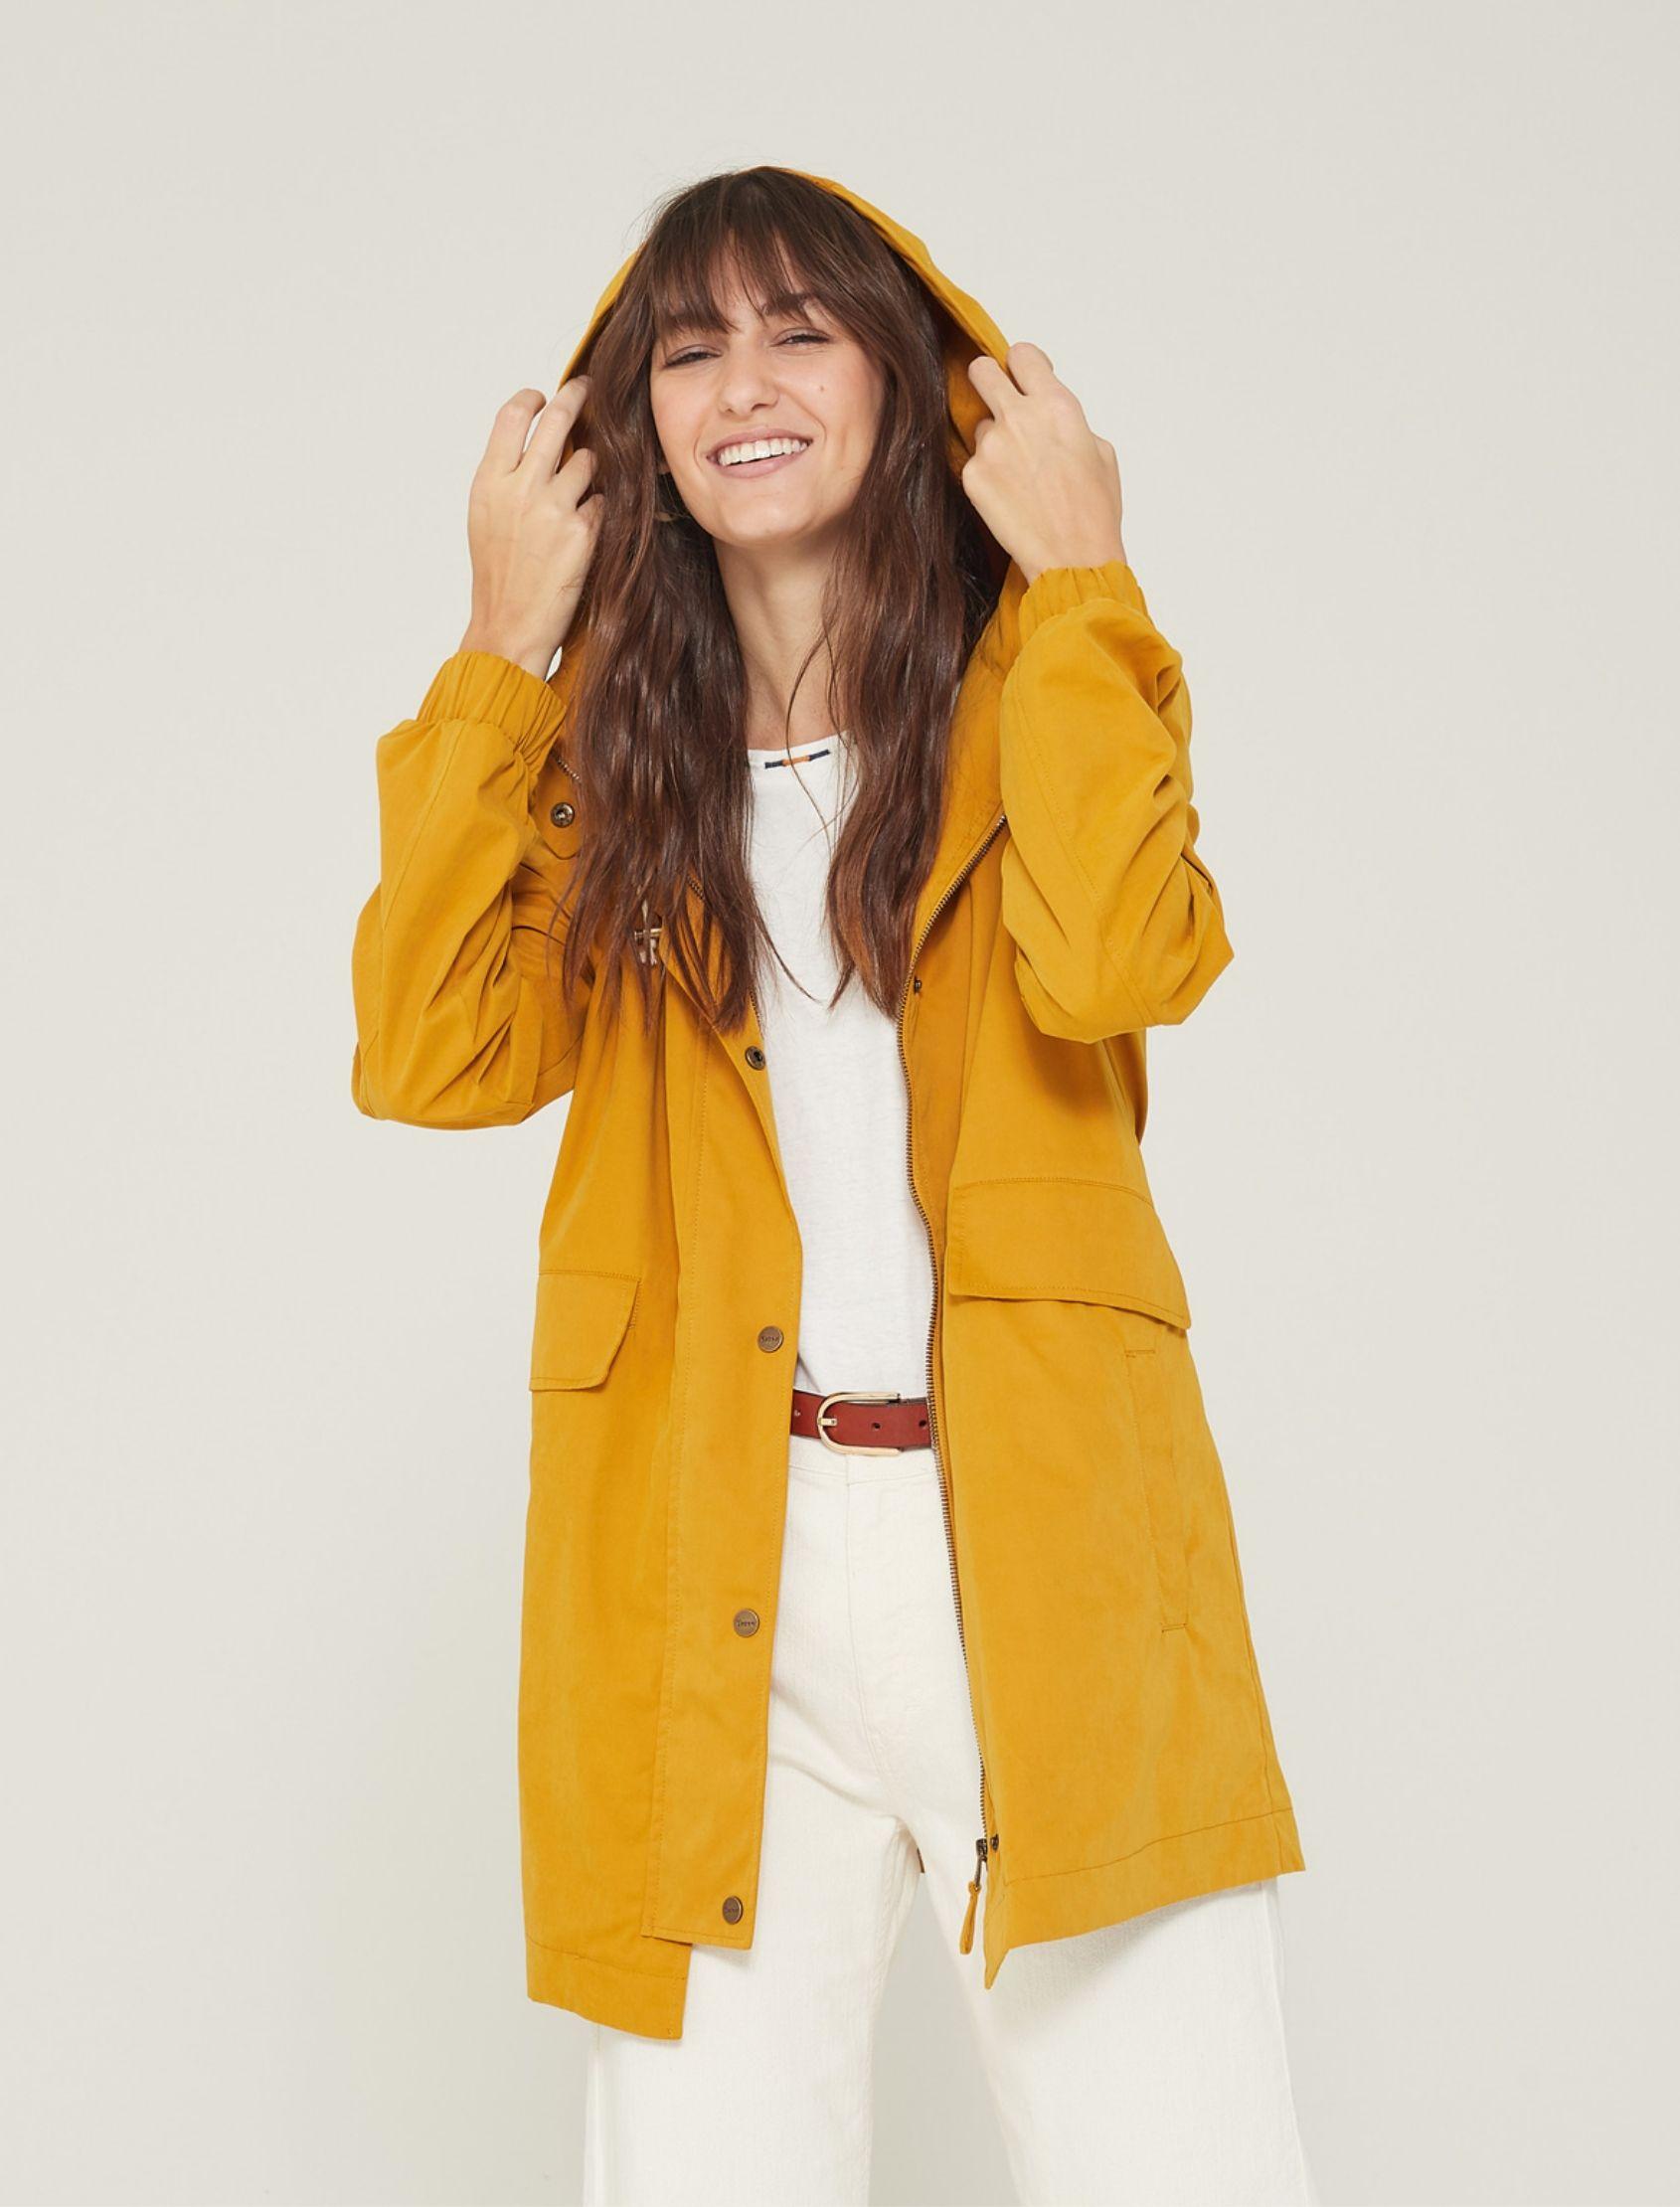 modelo con parka larga en color mostaza con capucha